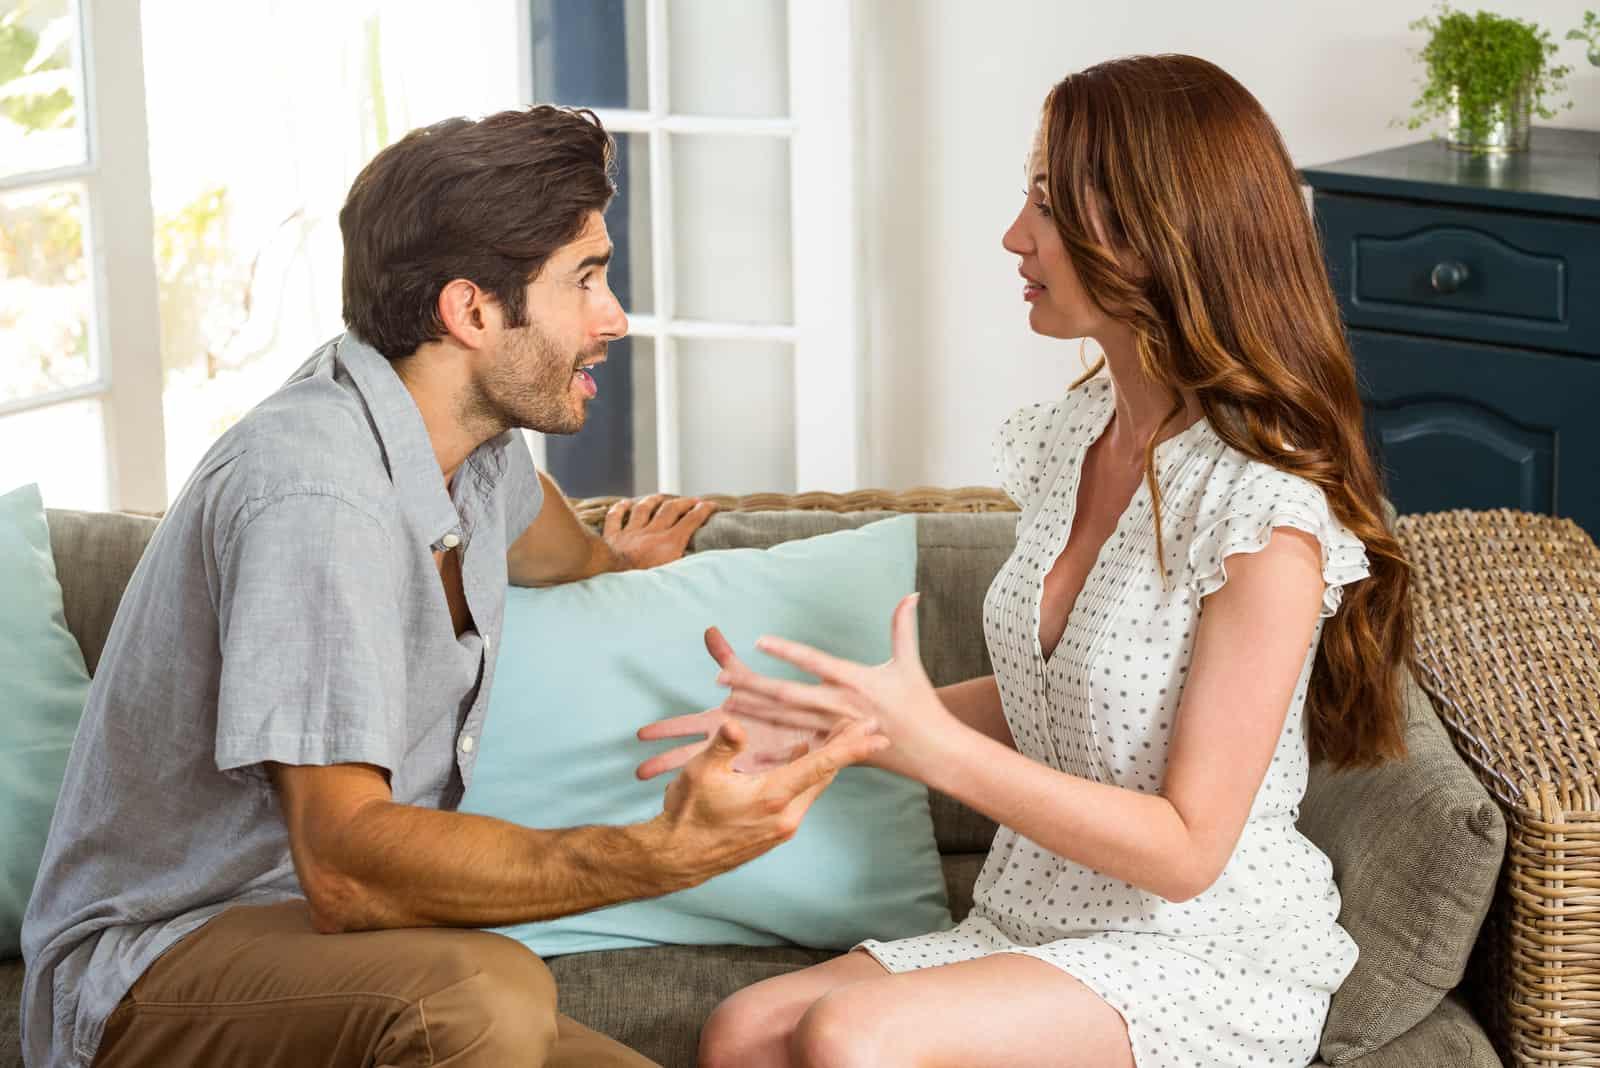 In der Wohnung auf der Couch sitzt ein Paar und streitet